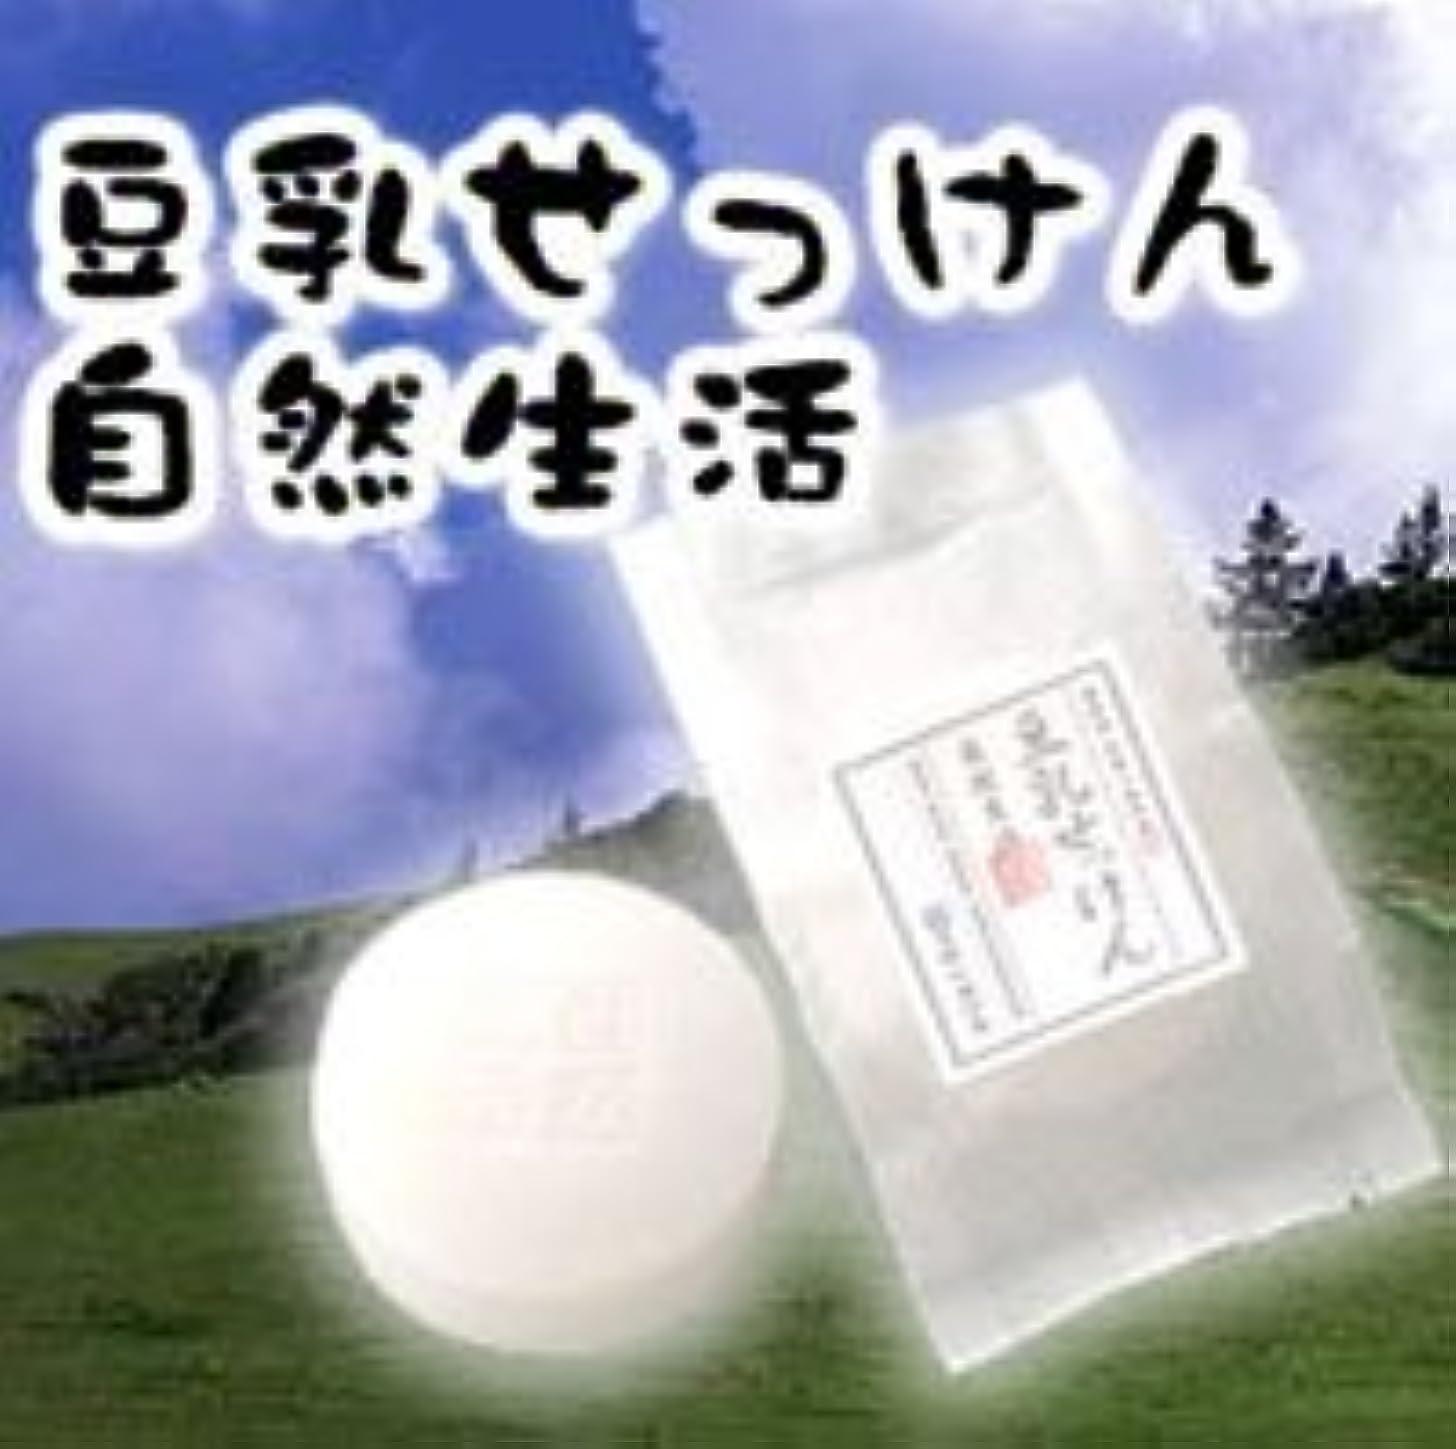 熟達冊子マウントバンク豆腐の盛田屋 豆乳せっけん 自然生活